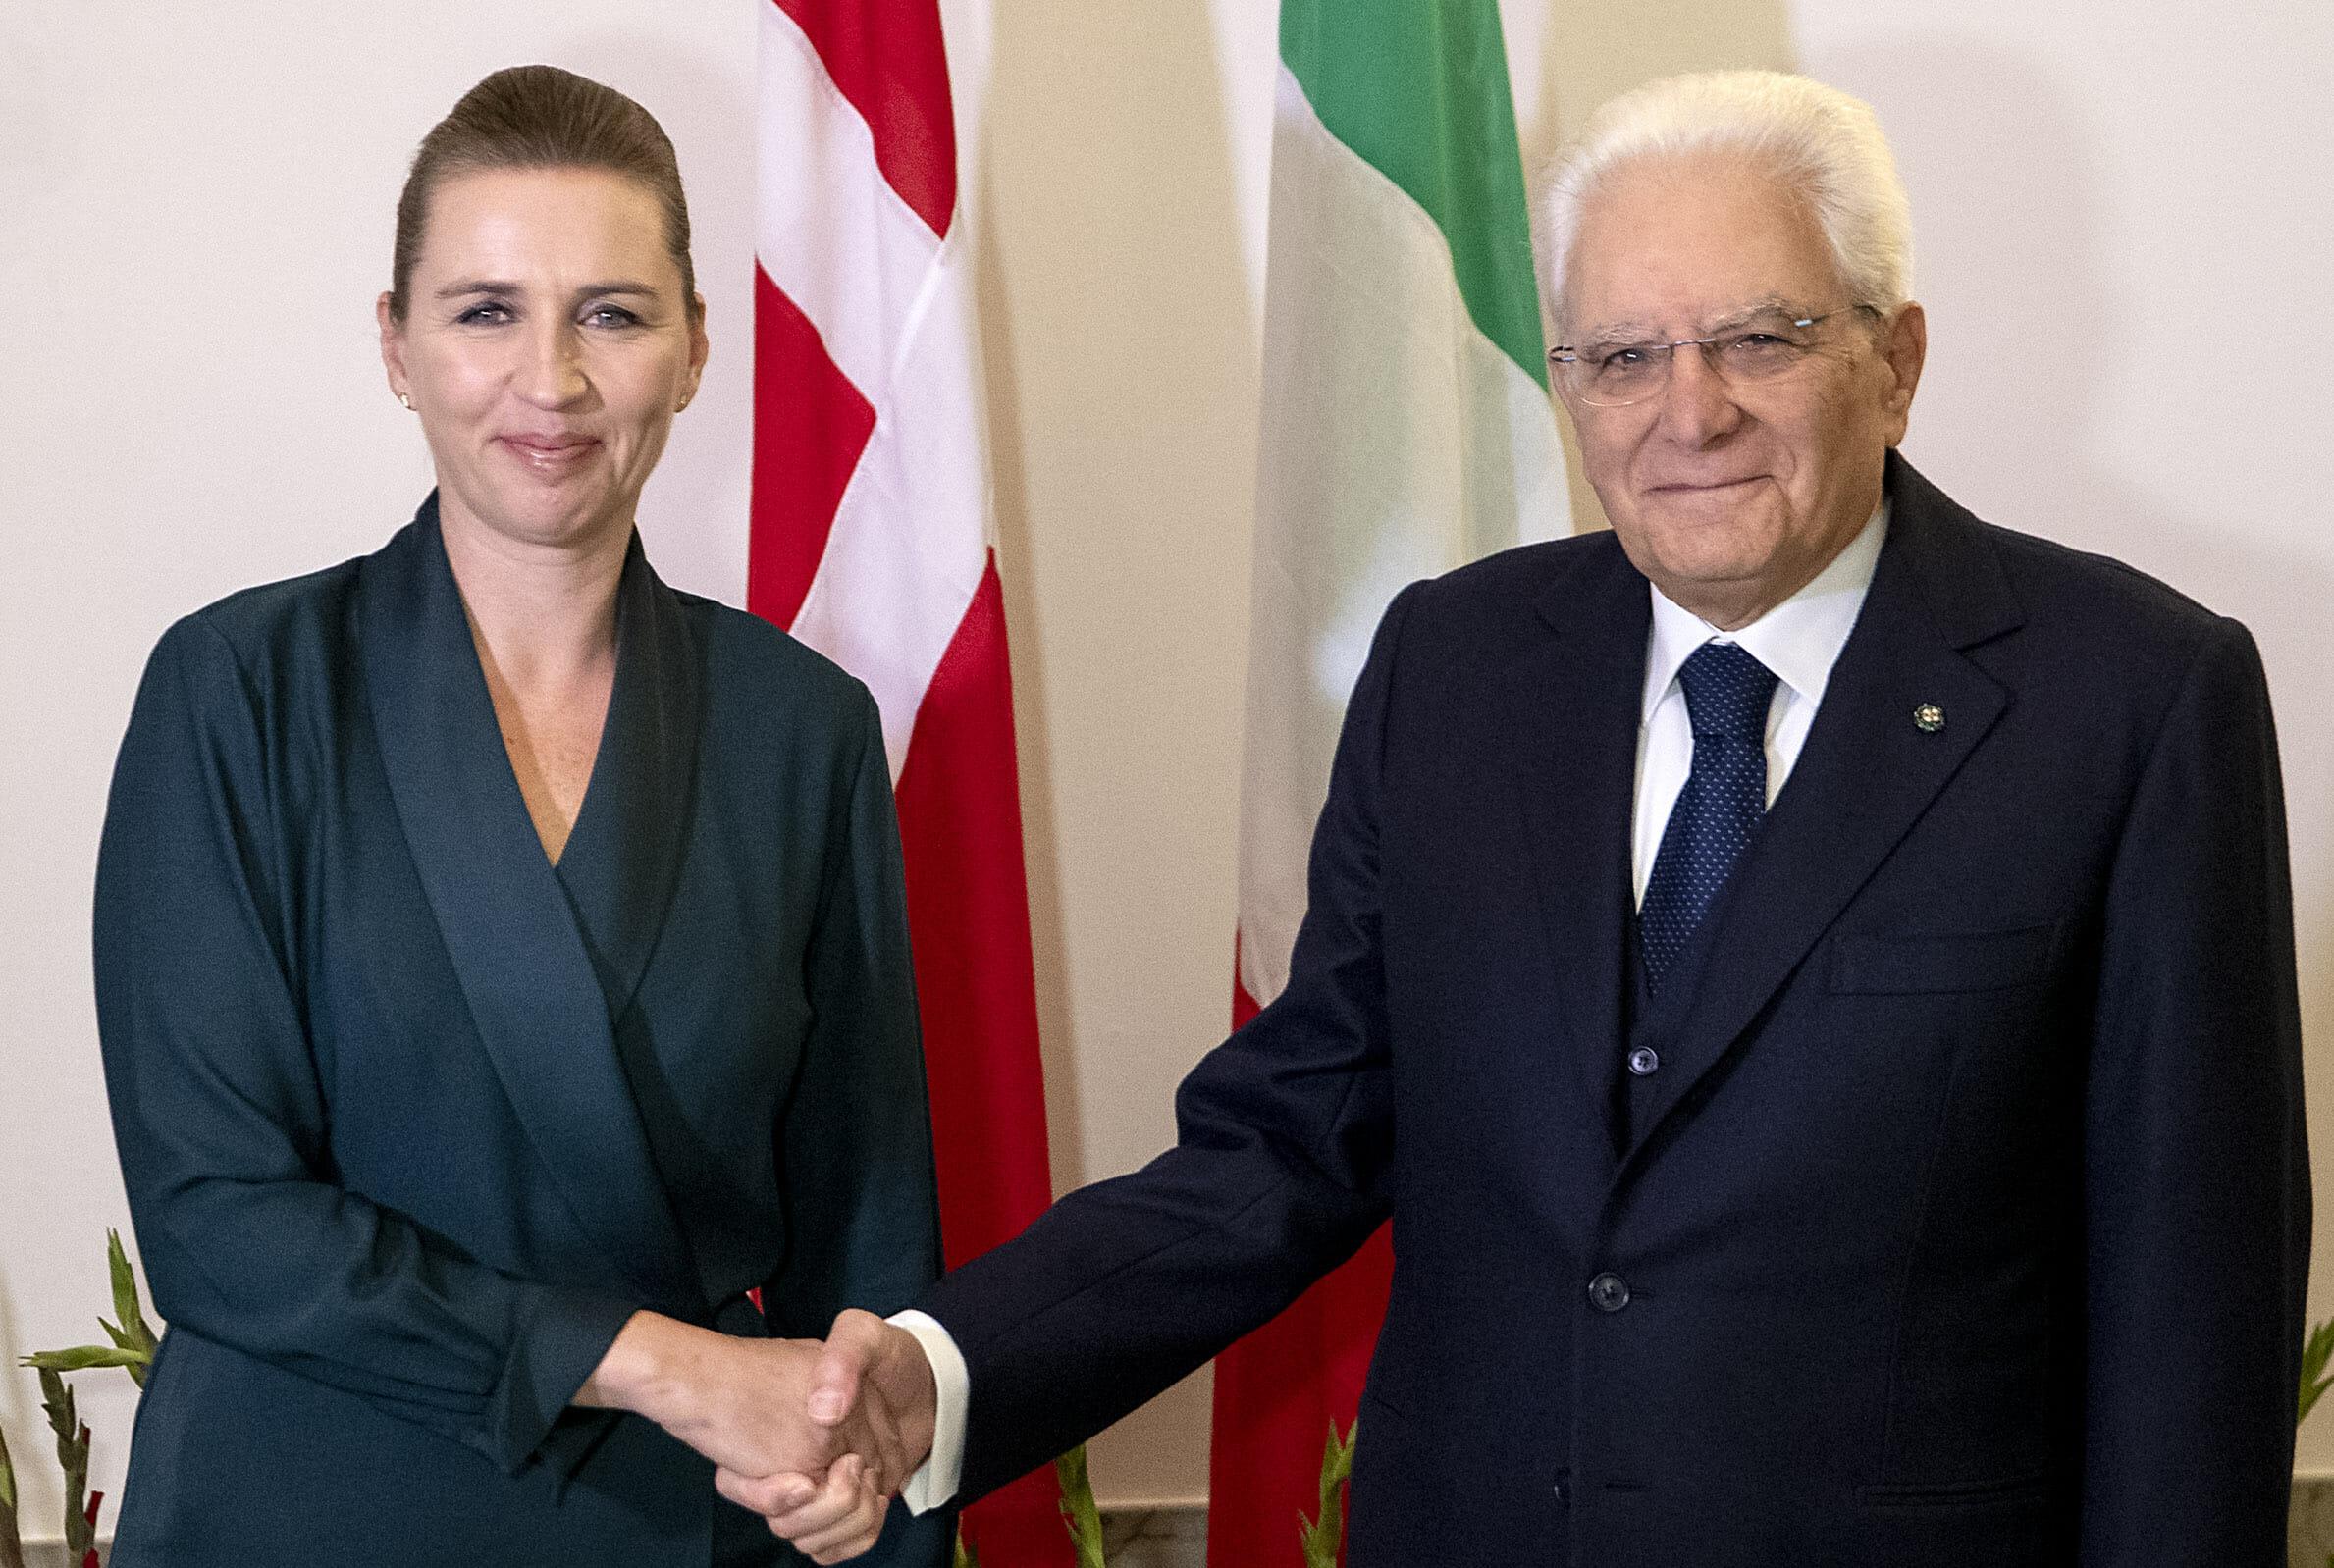 Il Presidente della Repubblica Sergio Mattarella con la Signora Mette Frederiksen, Primo Ministro del Regno di Danimarca